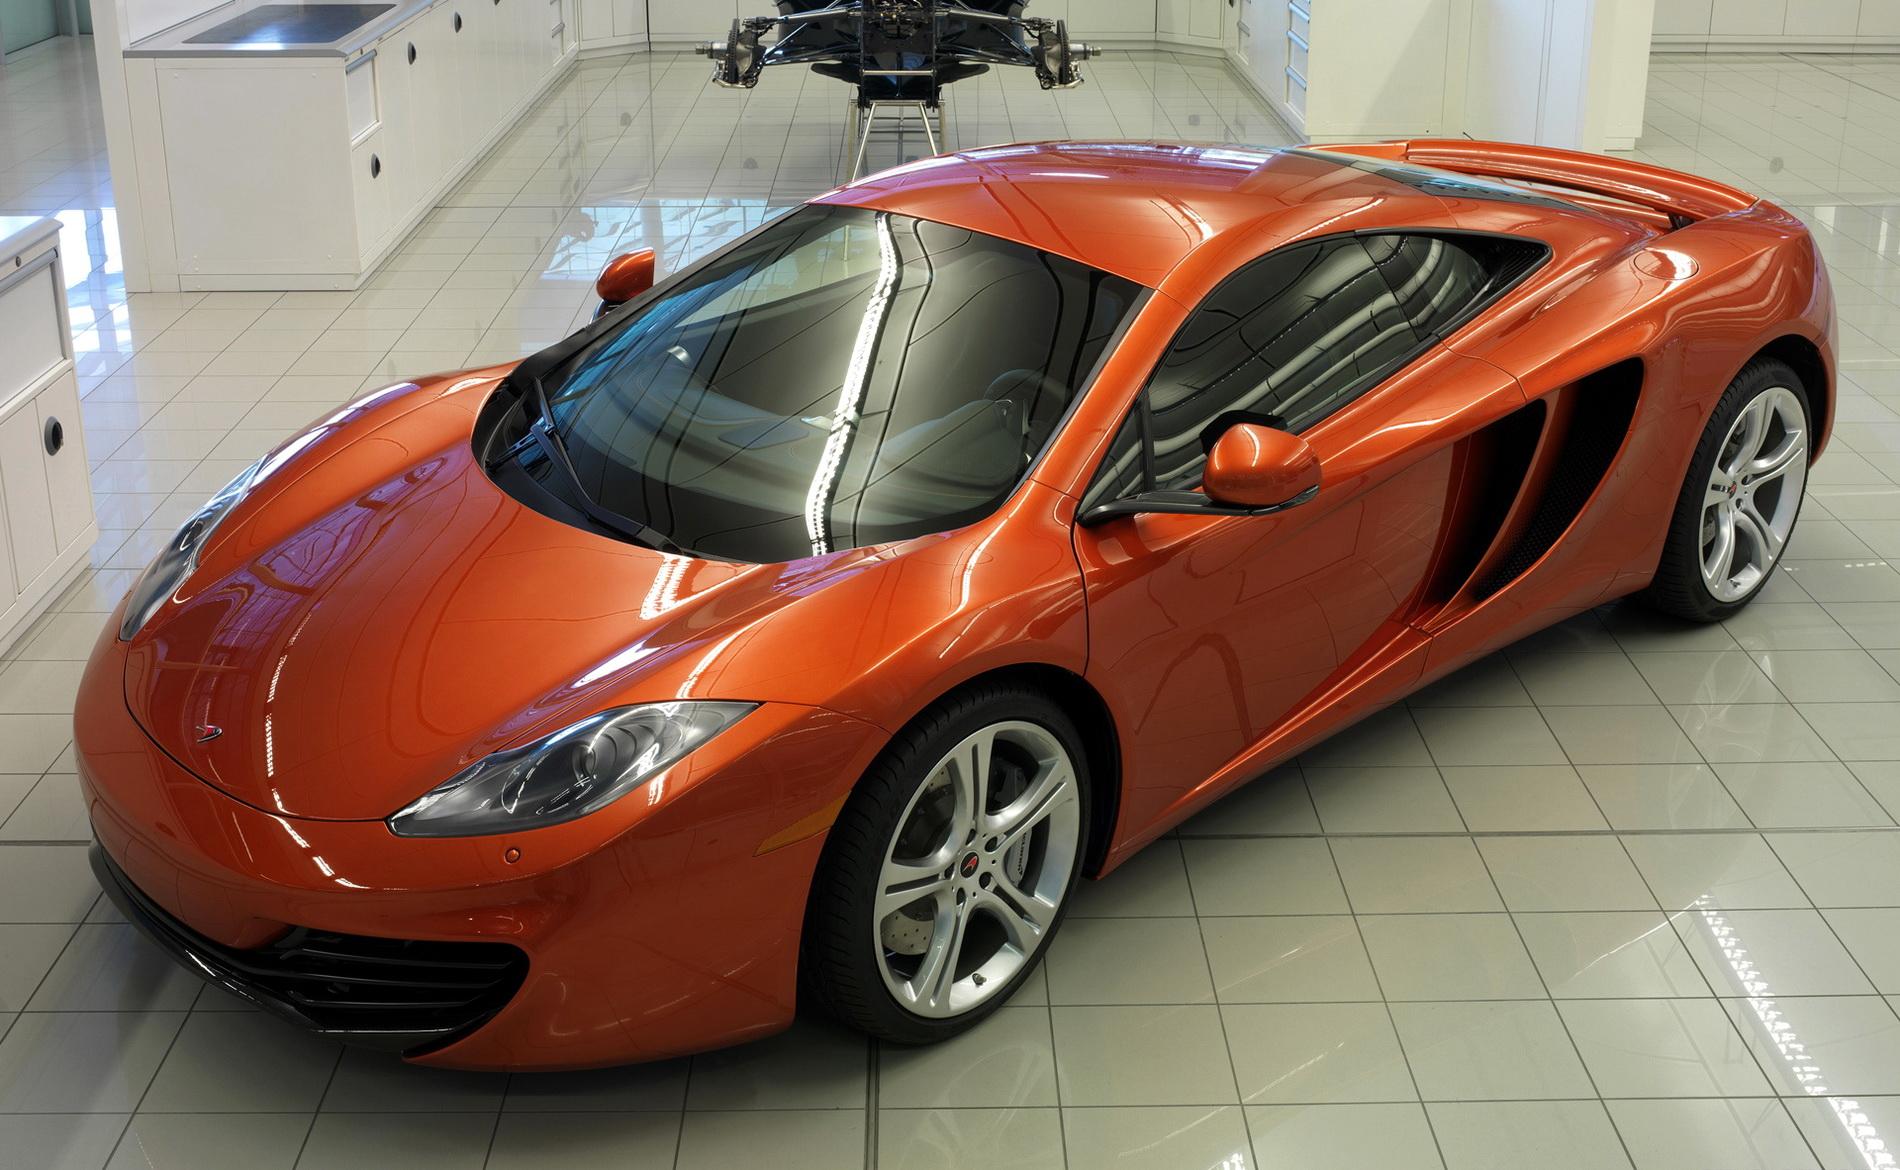 Фото всех моделей машин в мире